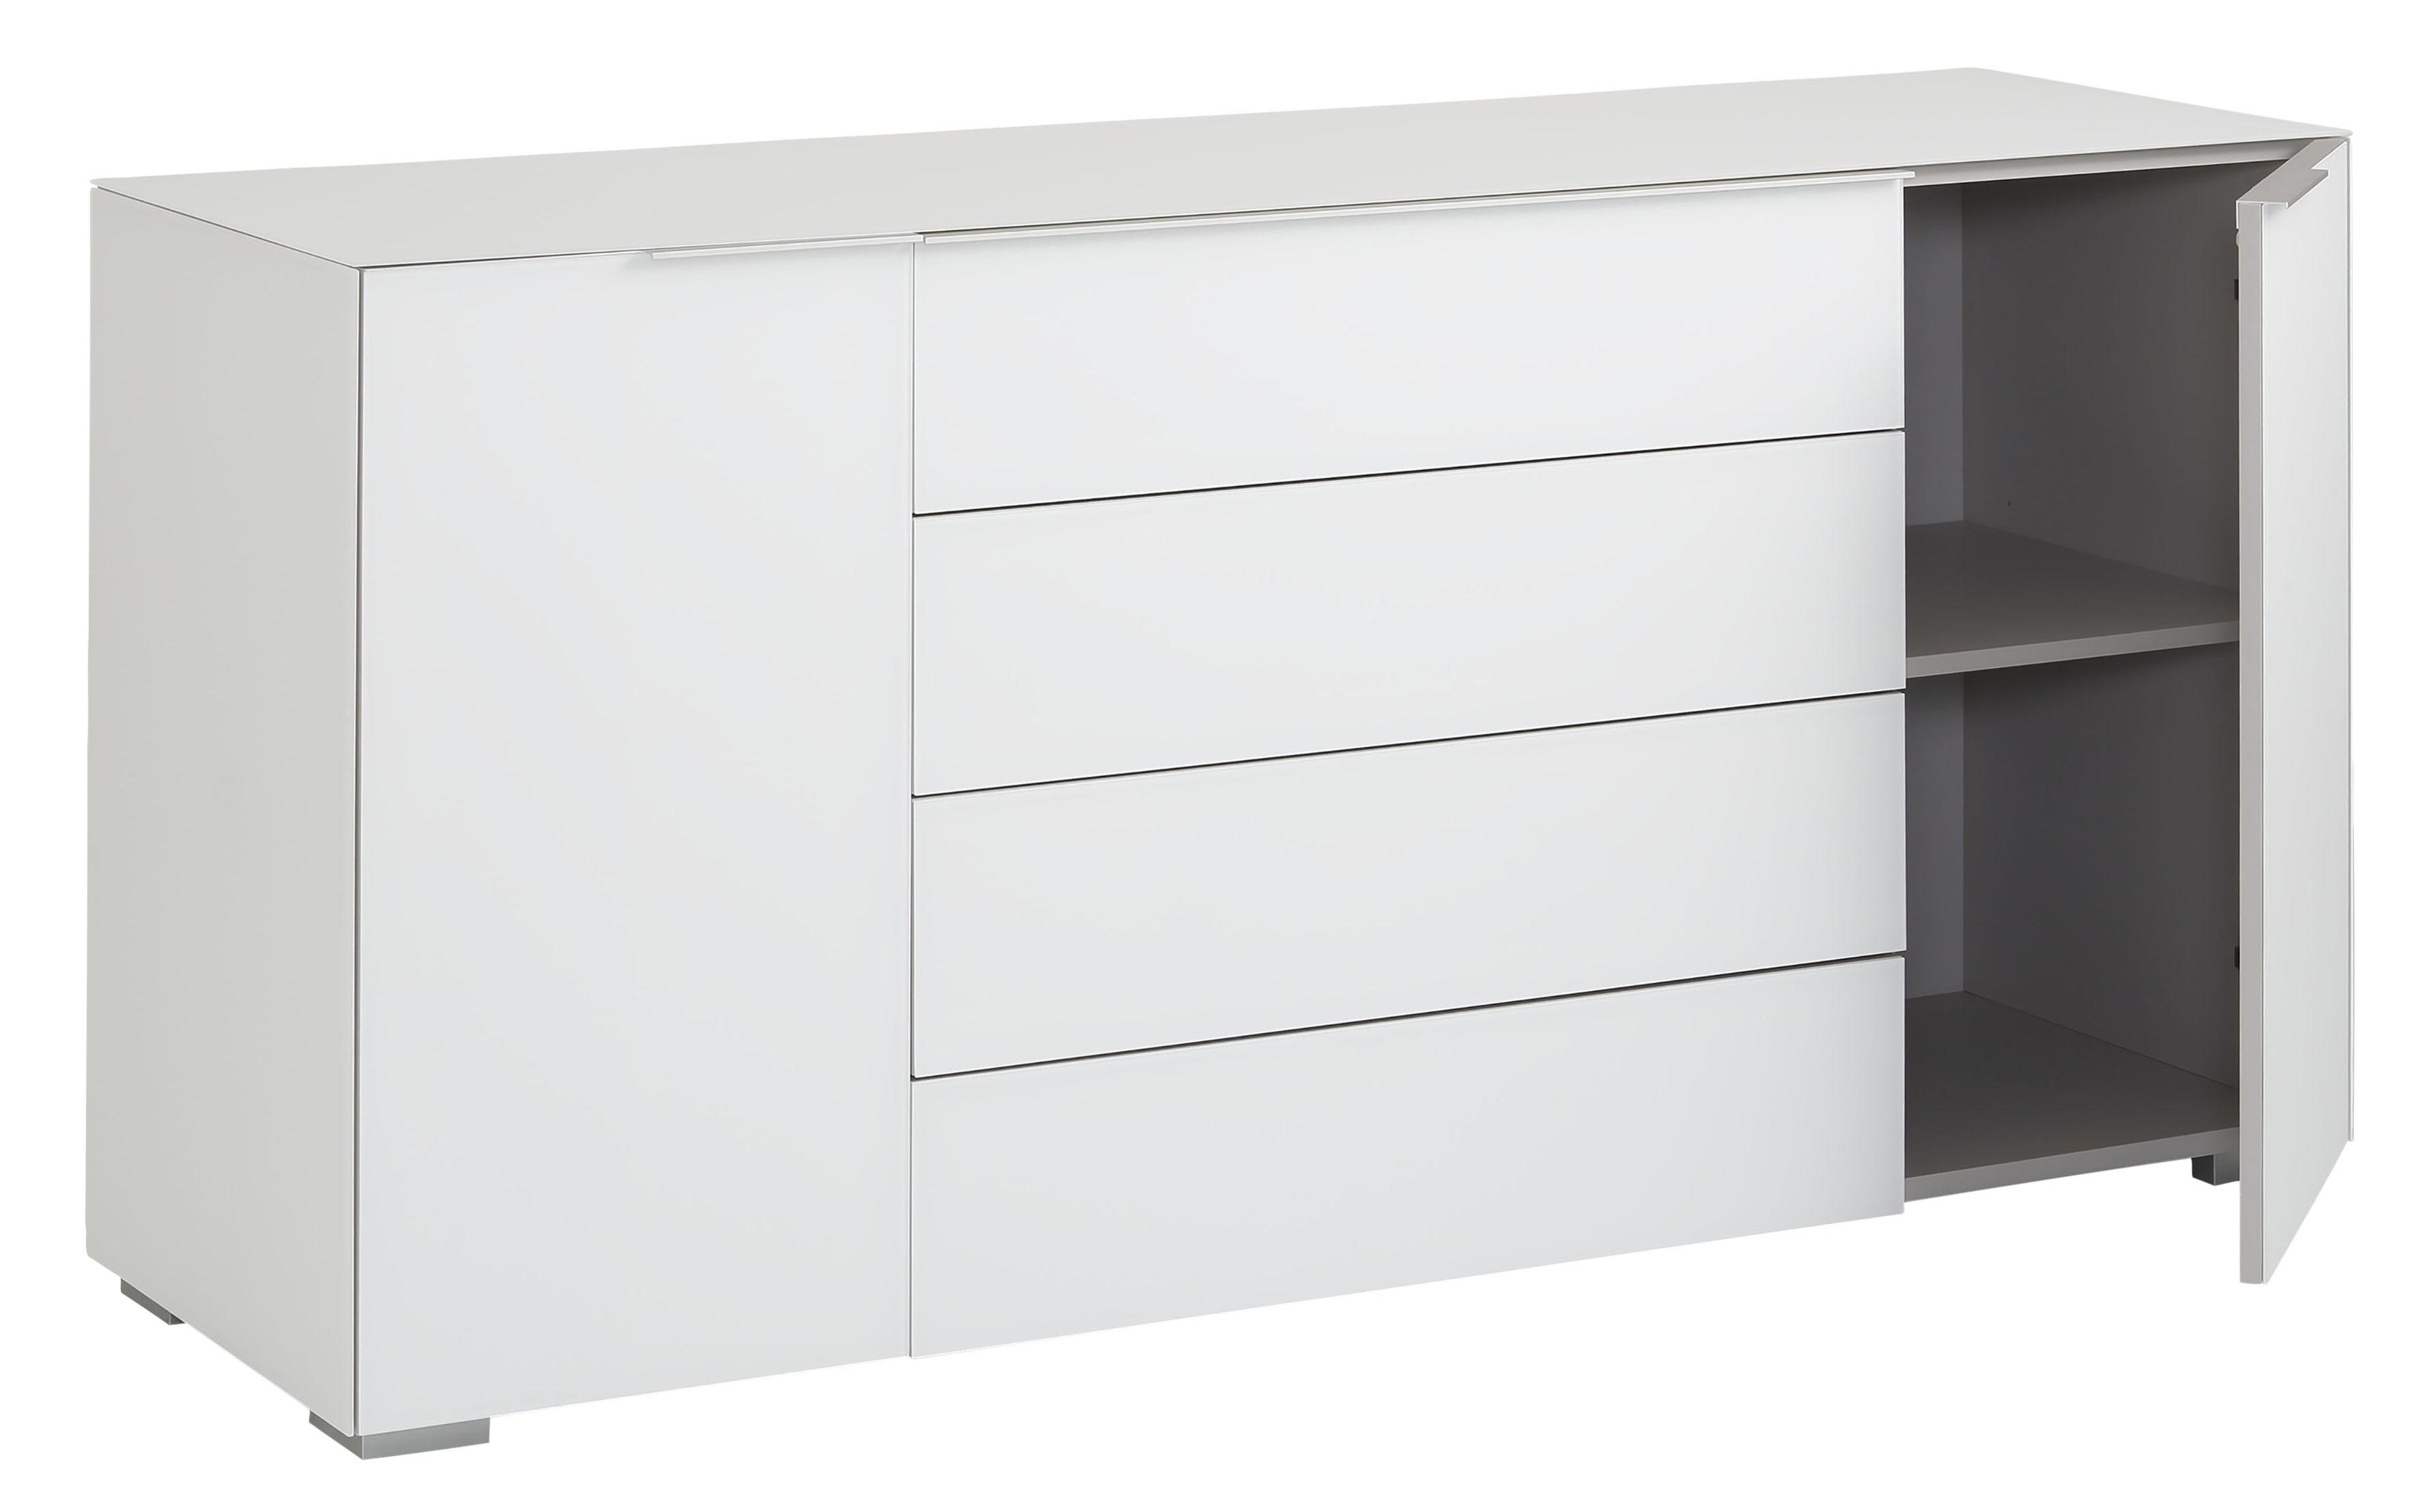 Sideboard Mod Mj622 Weissglas H C Mobel